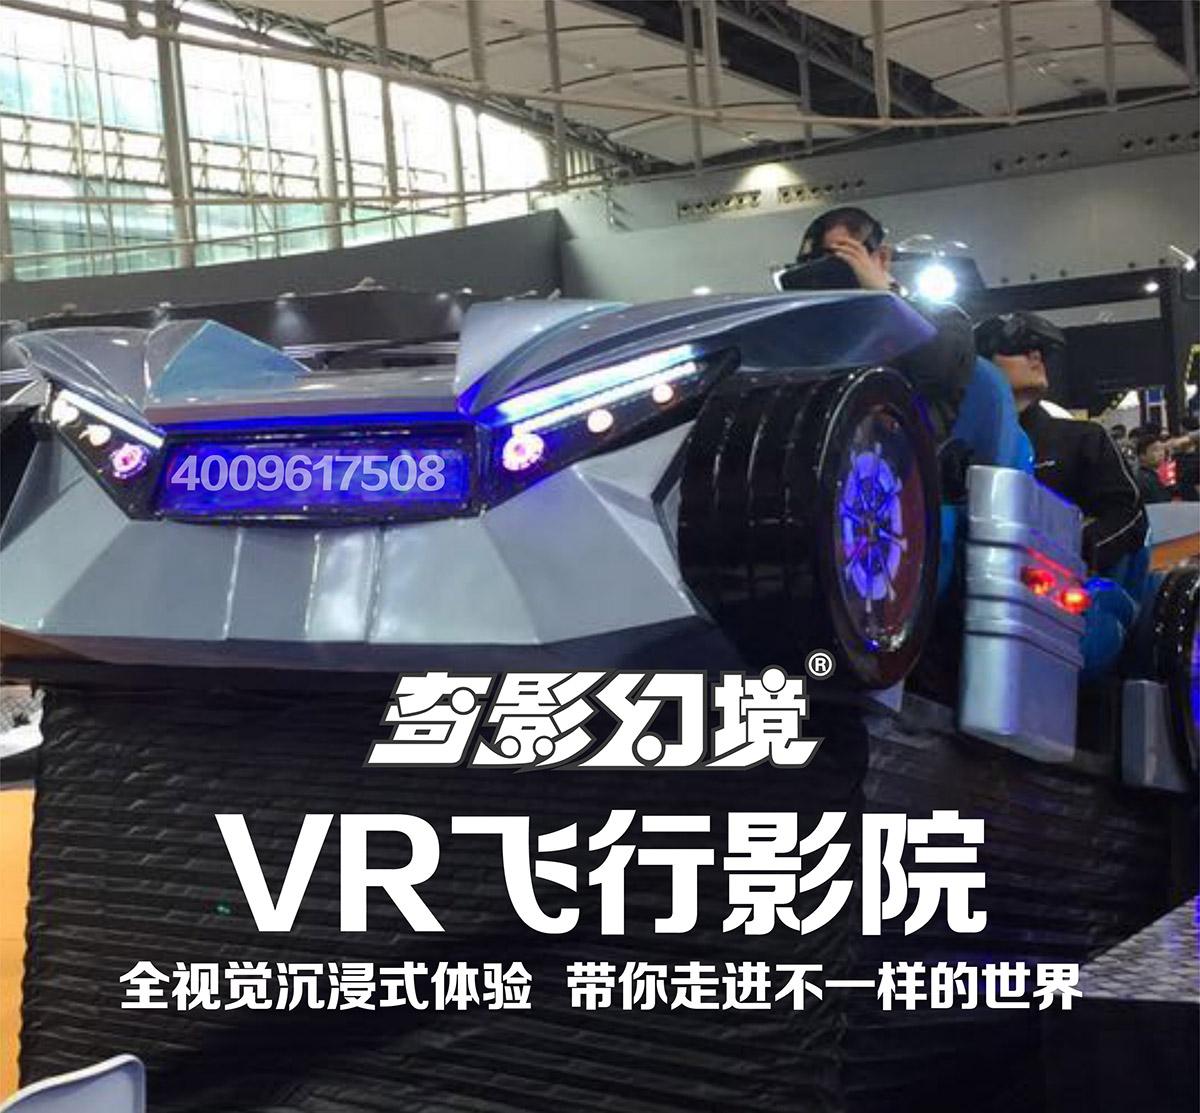 安全体验VR飞行影院全视觉沉浸式体验.jpg